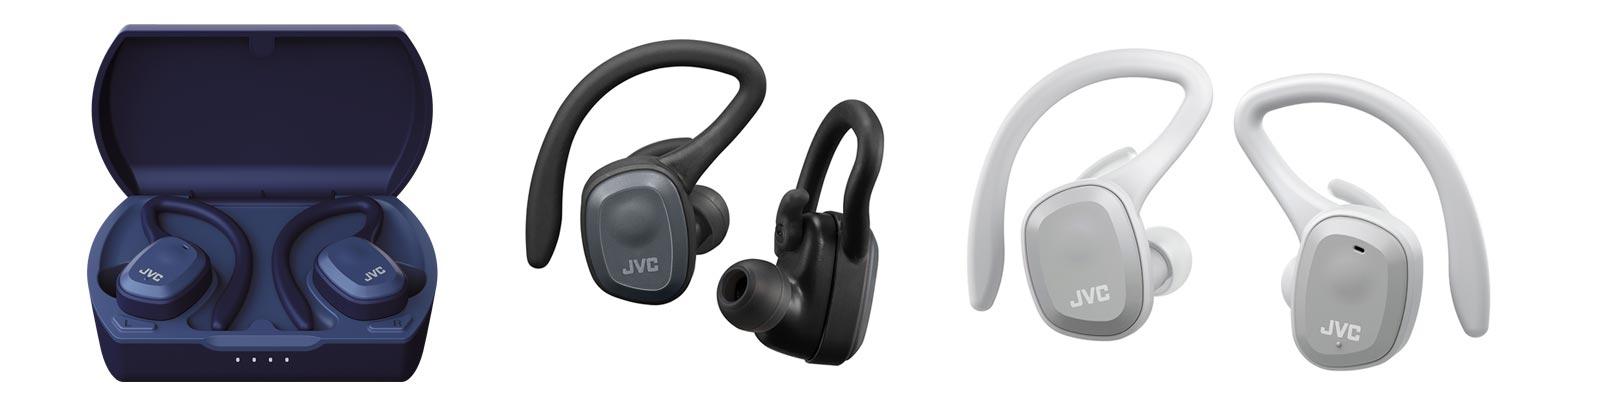 HA-A10T memory foam wireless earbuds